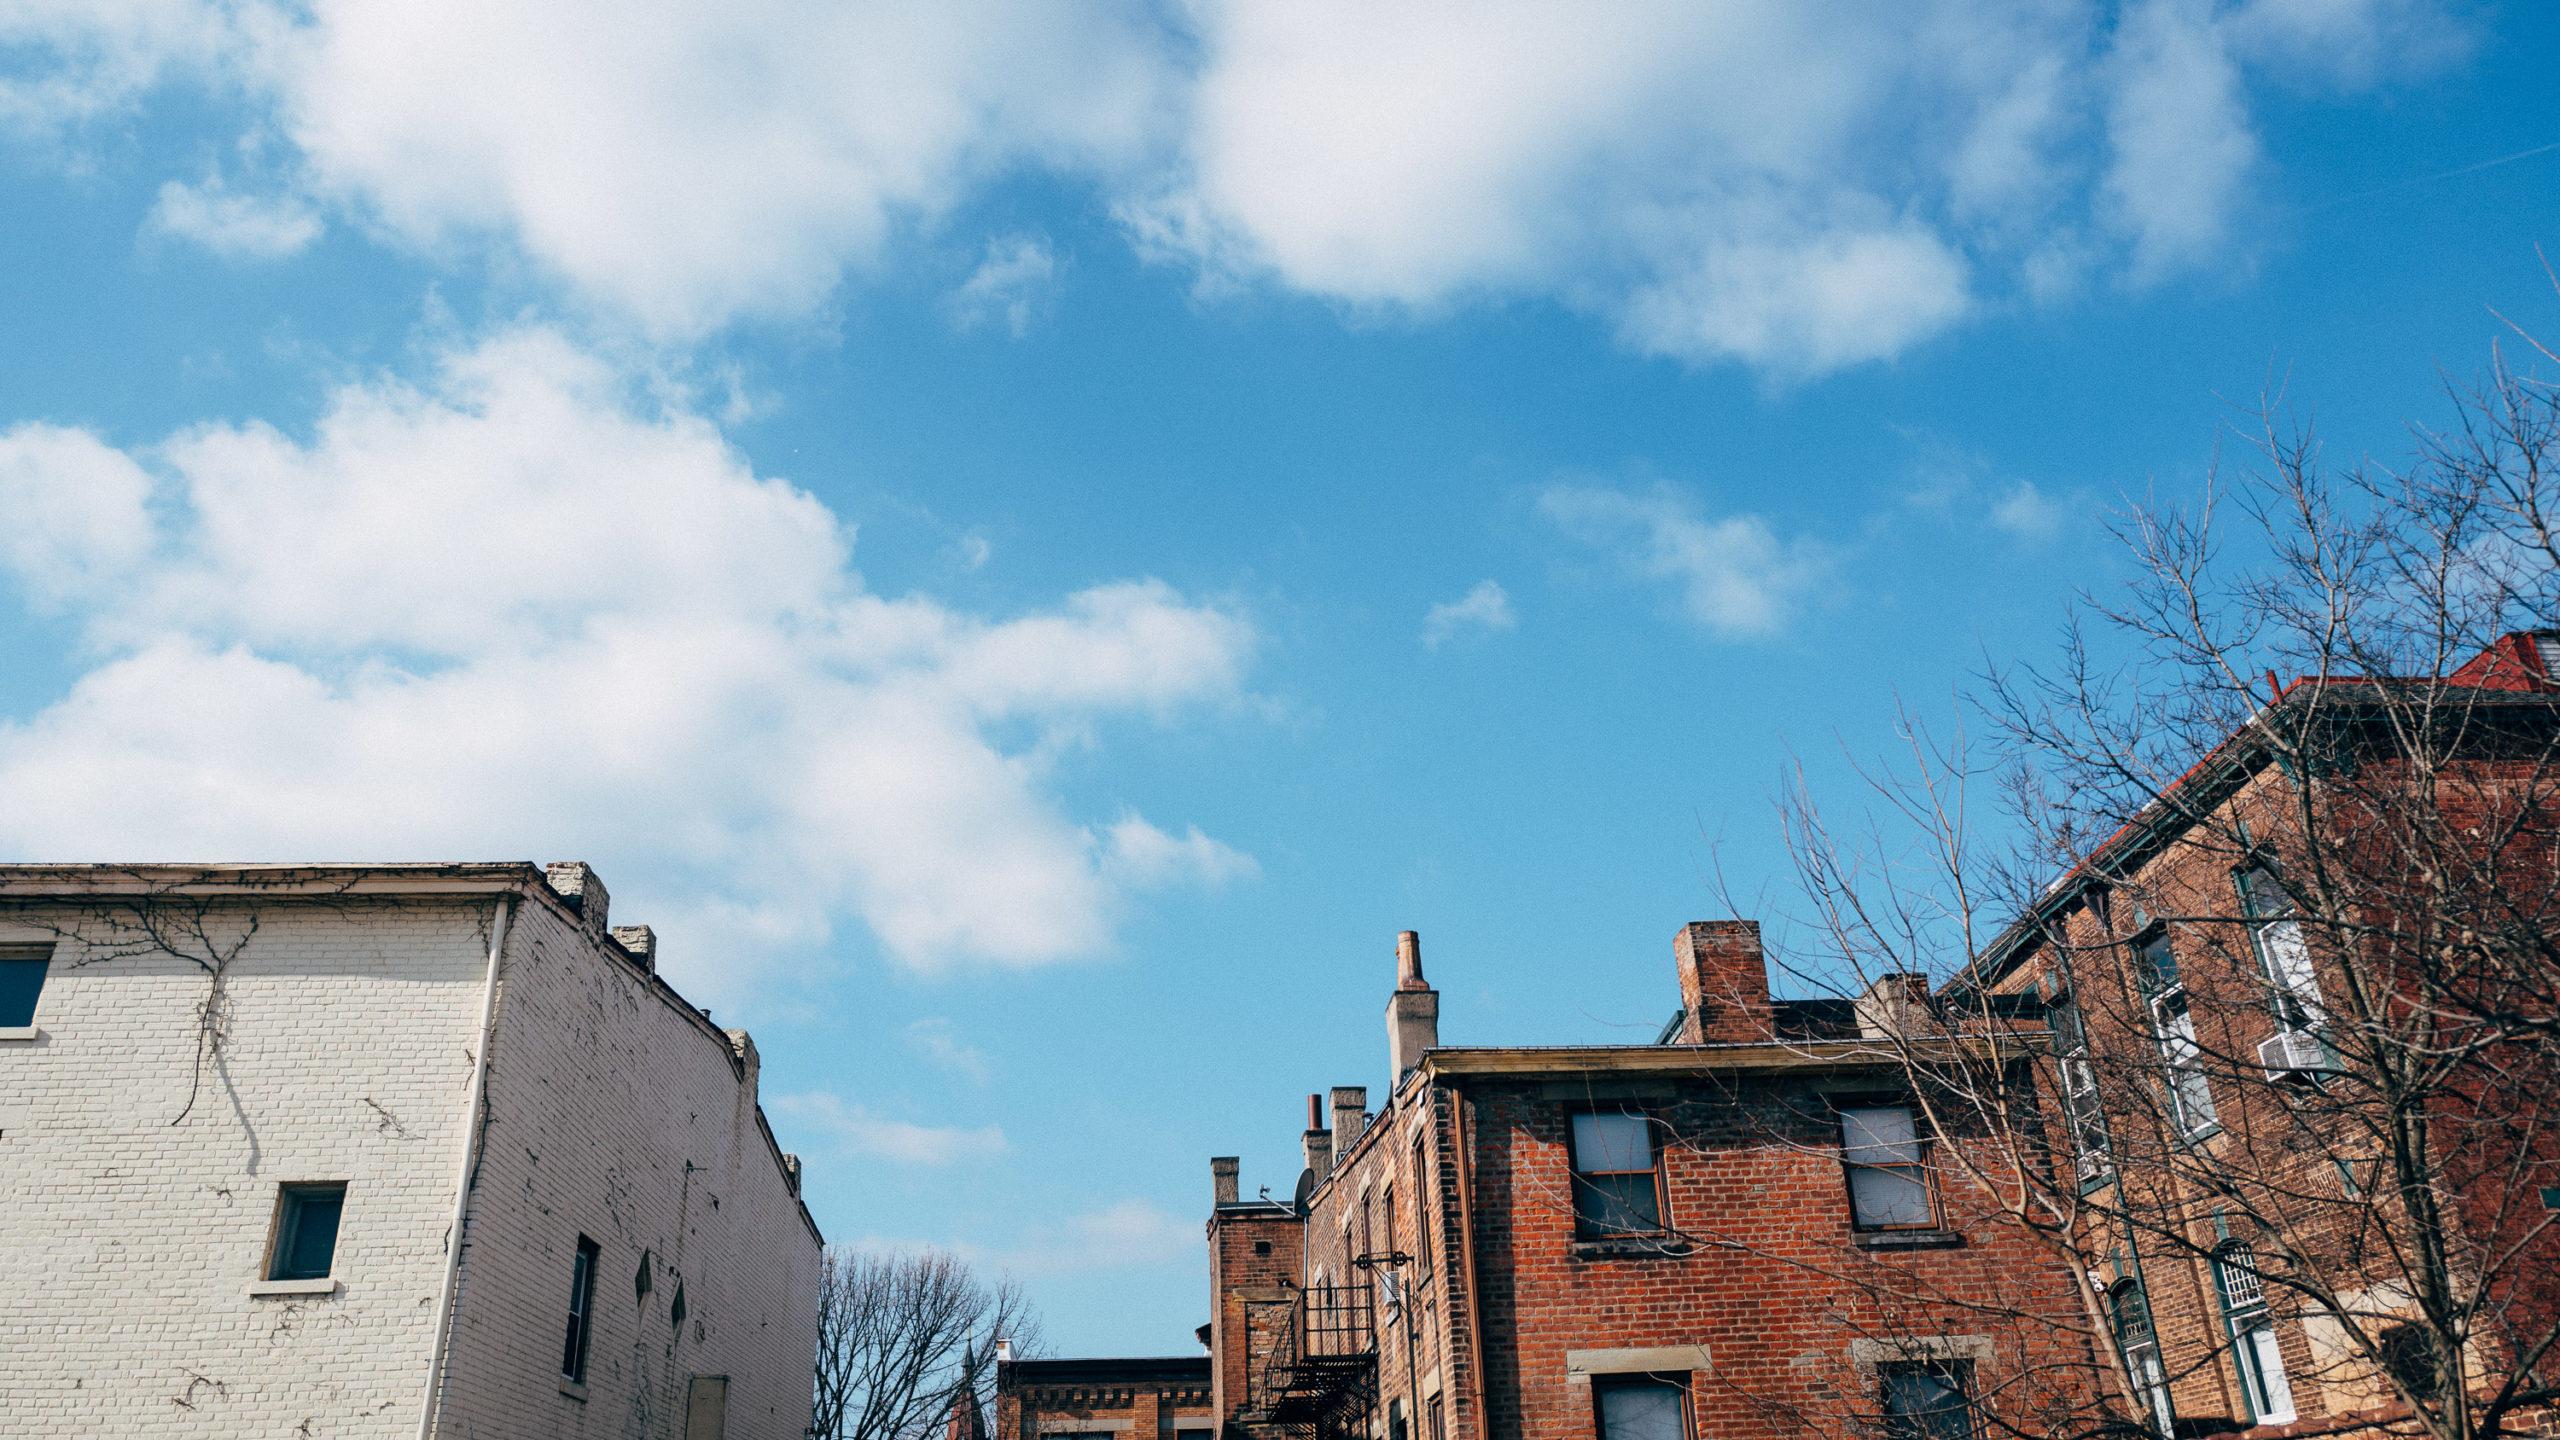 Blue skies in Northside